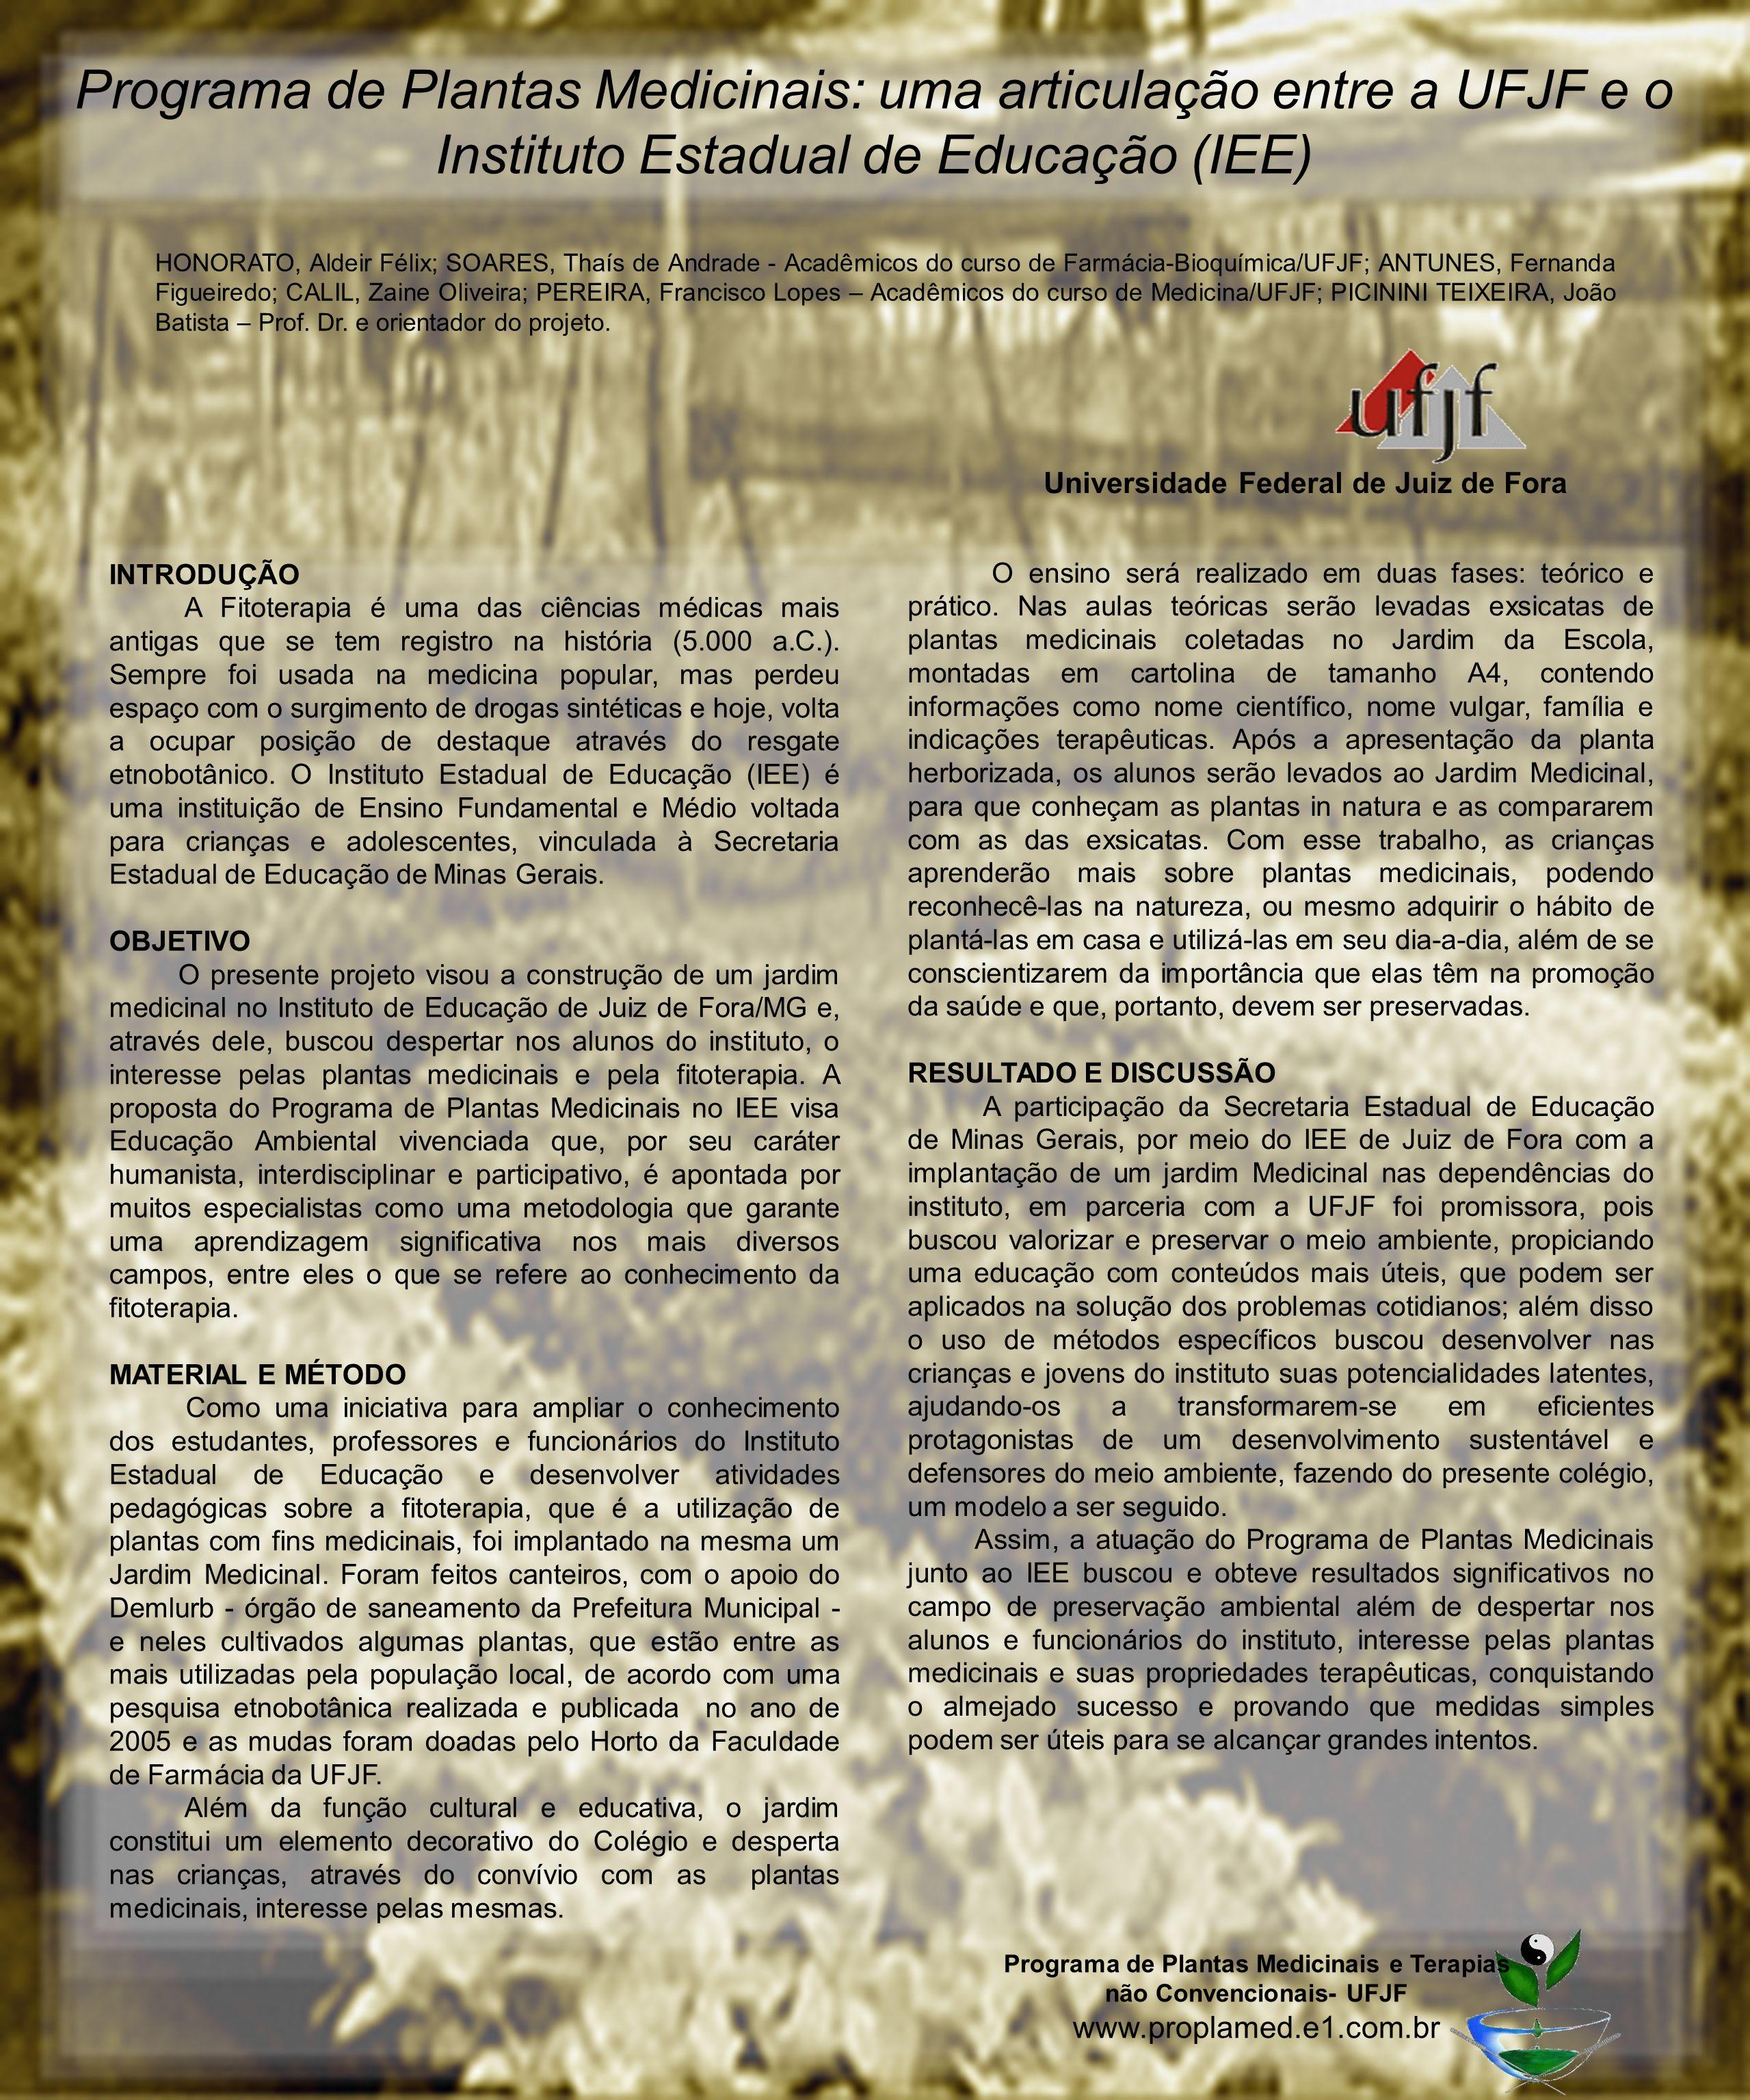 Programa de Plantas Medicinais: uma articulação entre a UFJF e o Instituto Estadual de Educação (IEE)